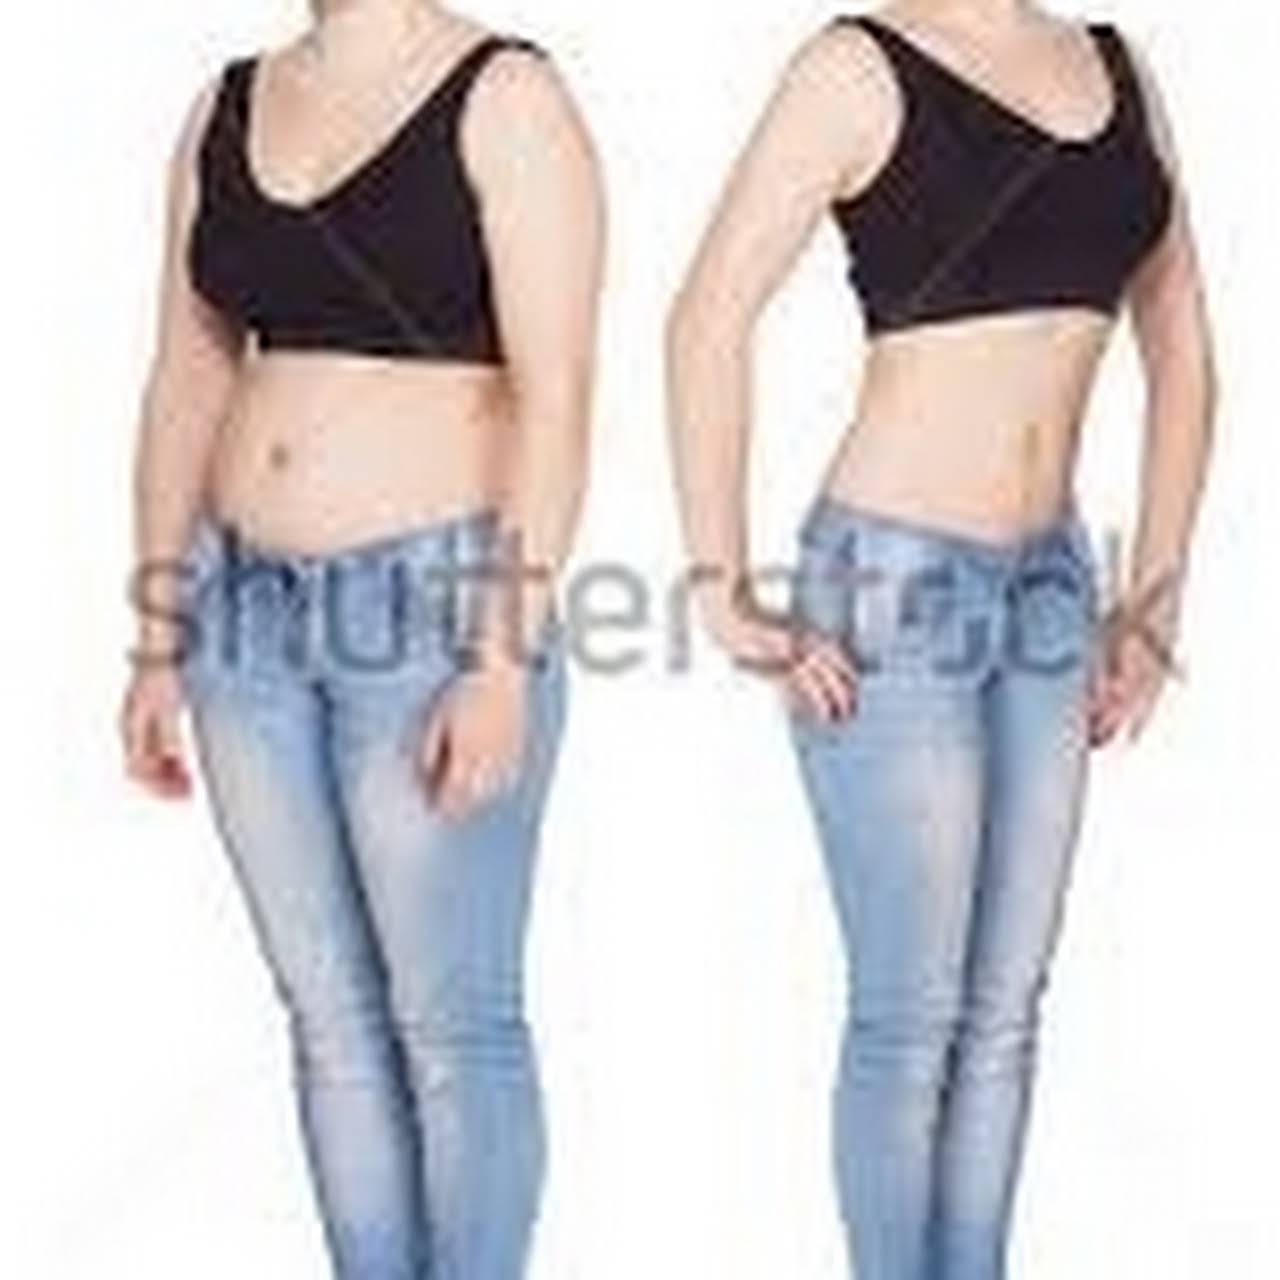 Lauki beneficiază în pierderea în greutate